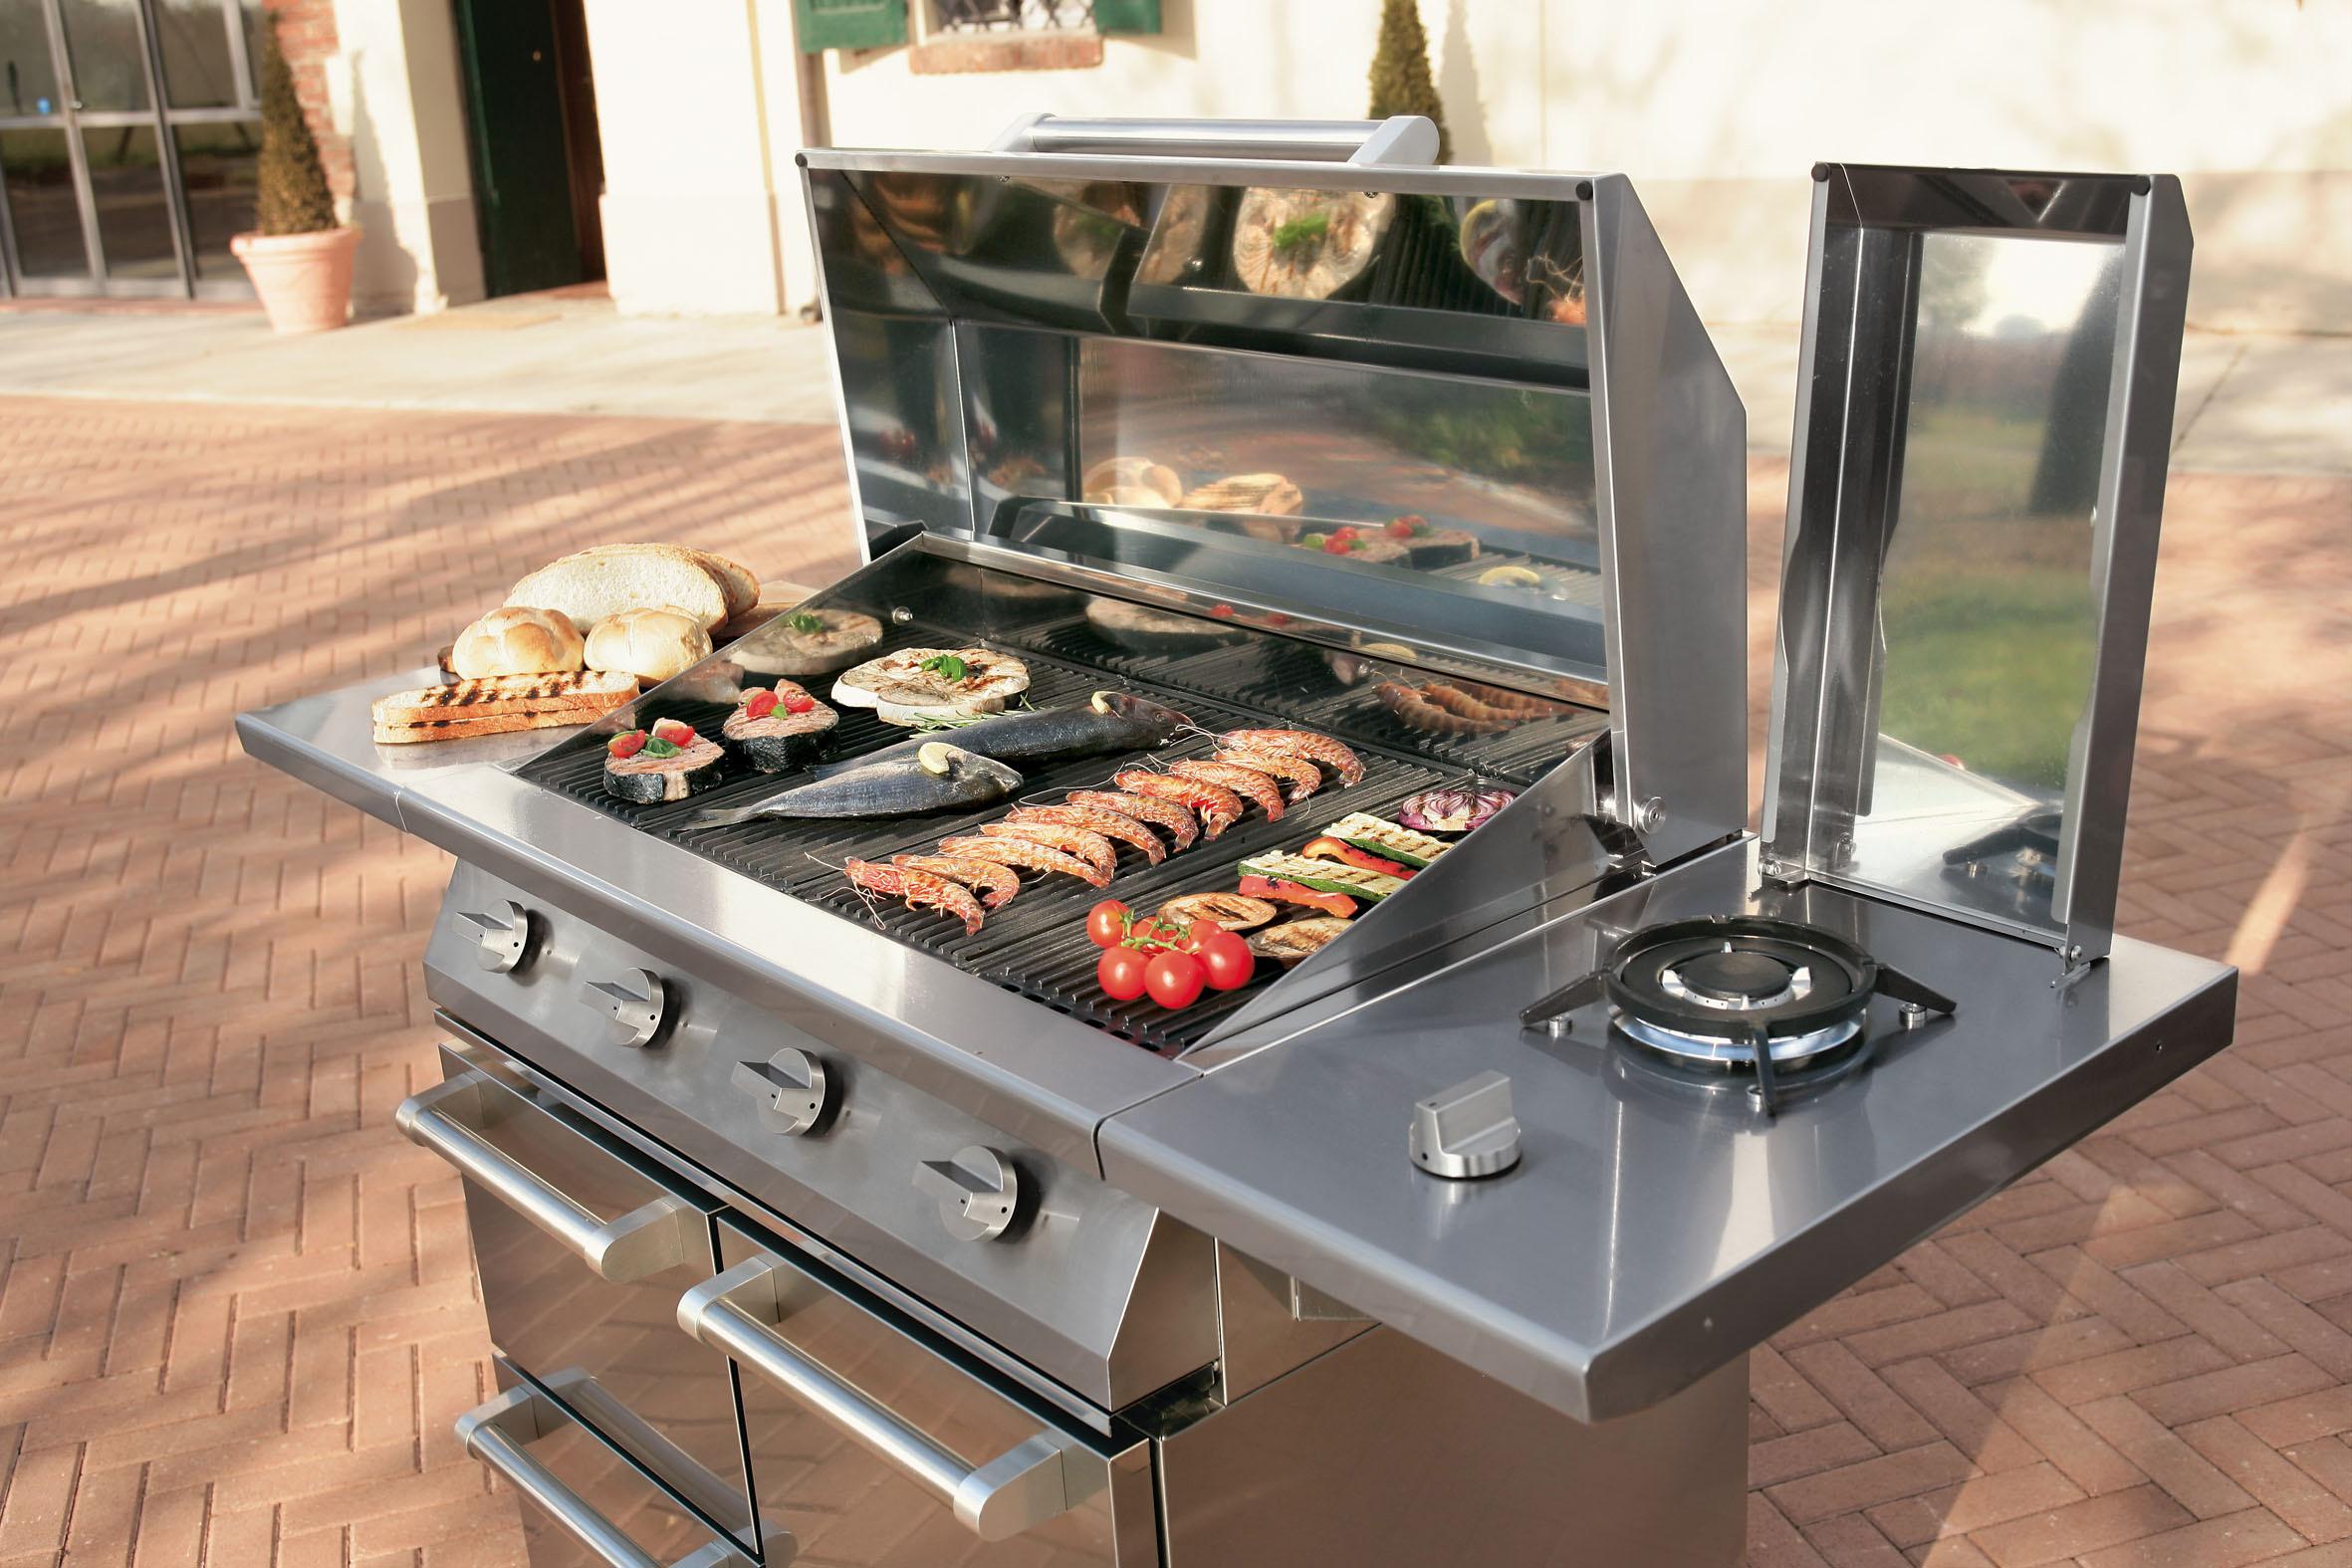 Steel BBQ en buitenkeuken Swing 90 outdoor kitchen. Naar wens uit te breiden met Steel modular system. #buitenkeukens #bbq #tuin #koken #buitenkeuken #steelcucine